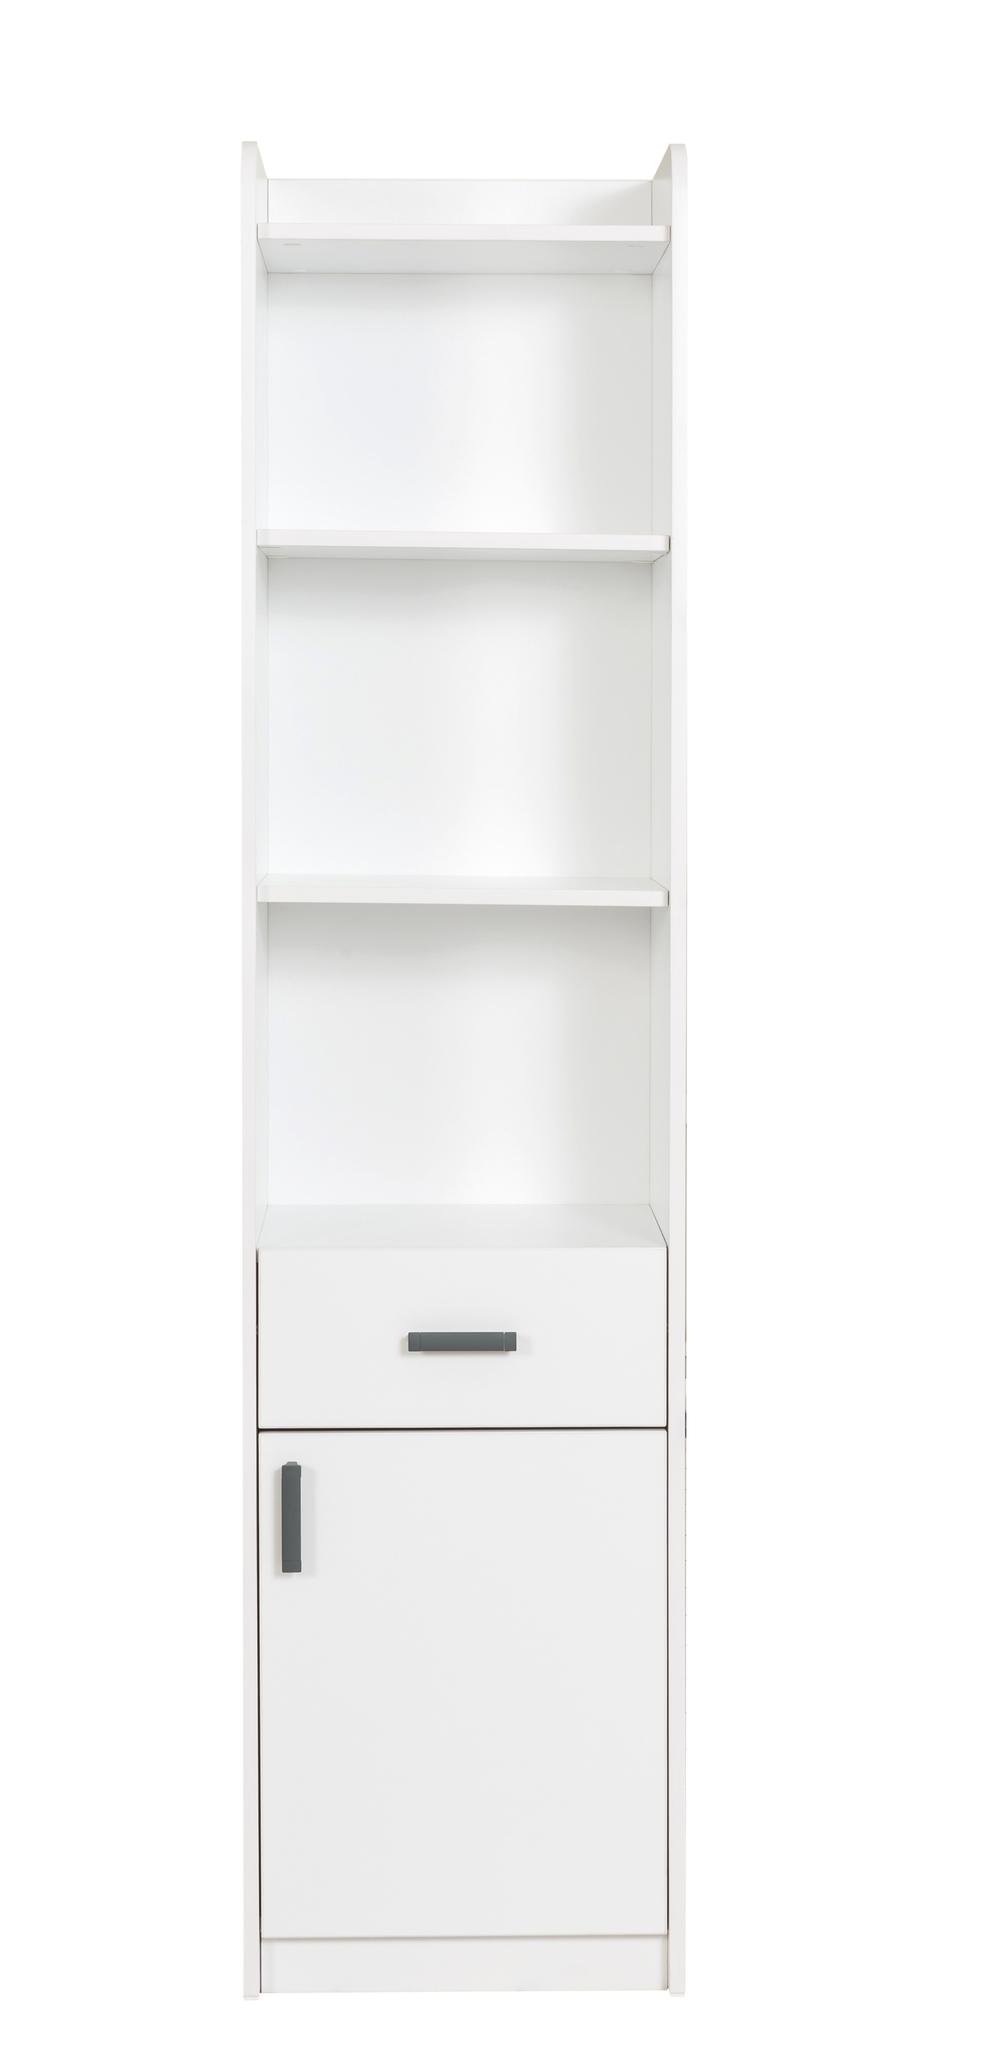 Biblioteca din pal cu 1 sertar si 1 usa pentru tineret White, l44xA36xH184 cm imagine